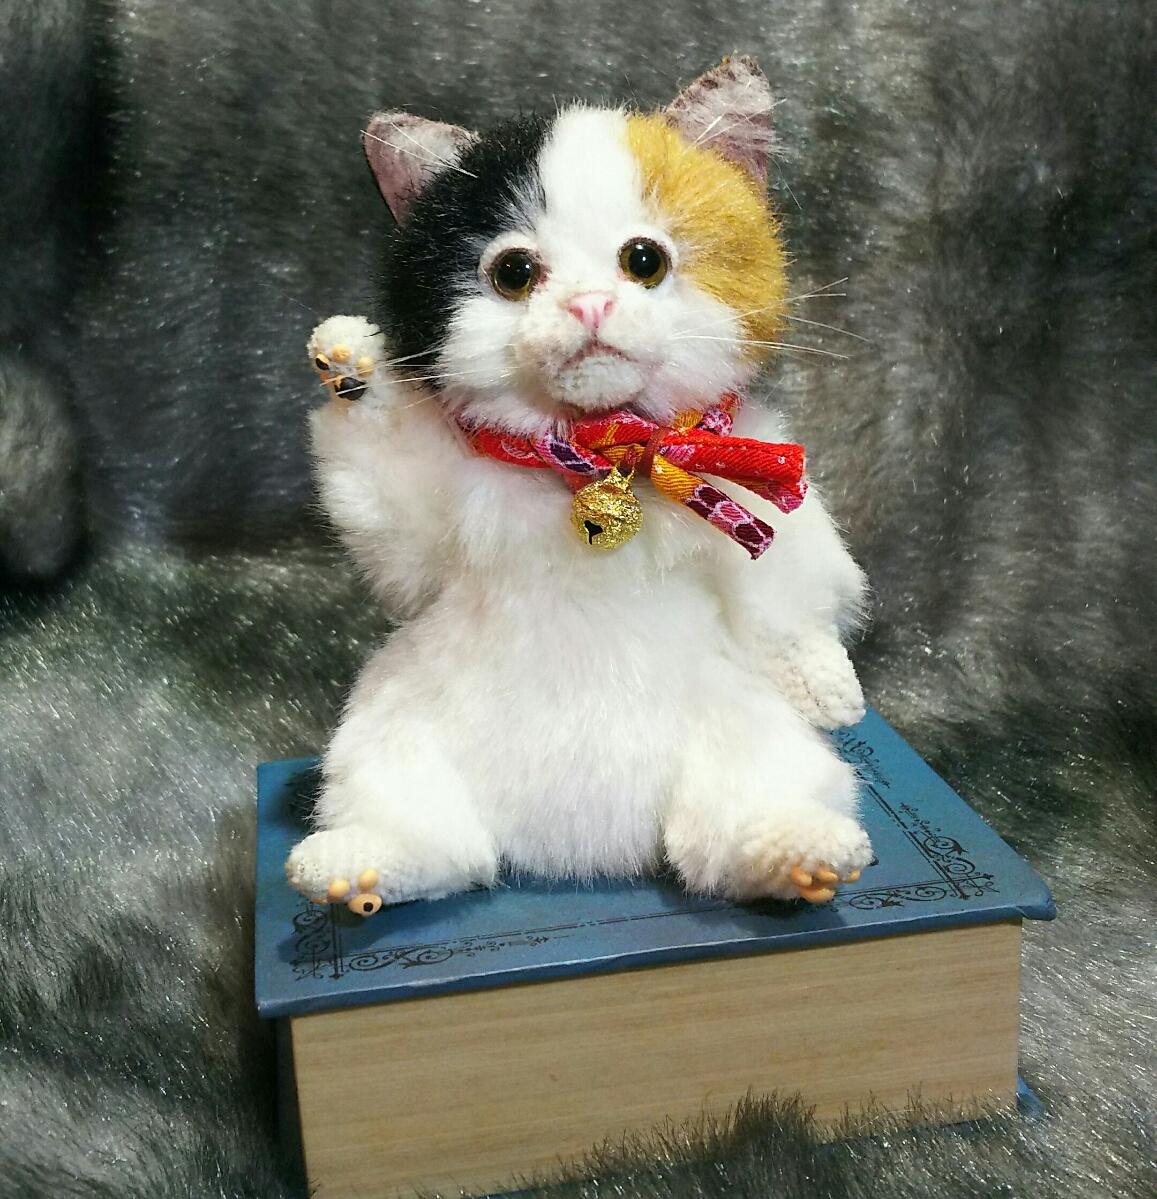 佐藤真也(自作品)チビ三毛猫仔猫、ハンドメイド、手作り、初出品_画像4